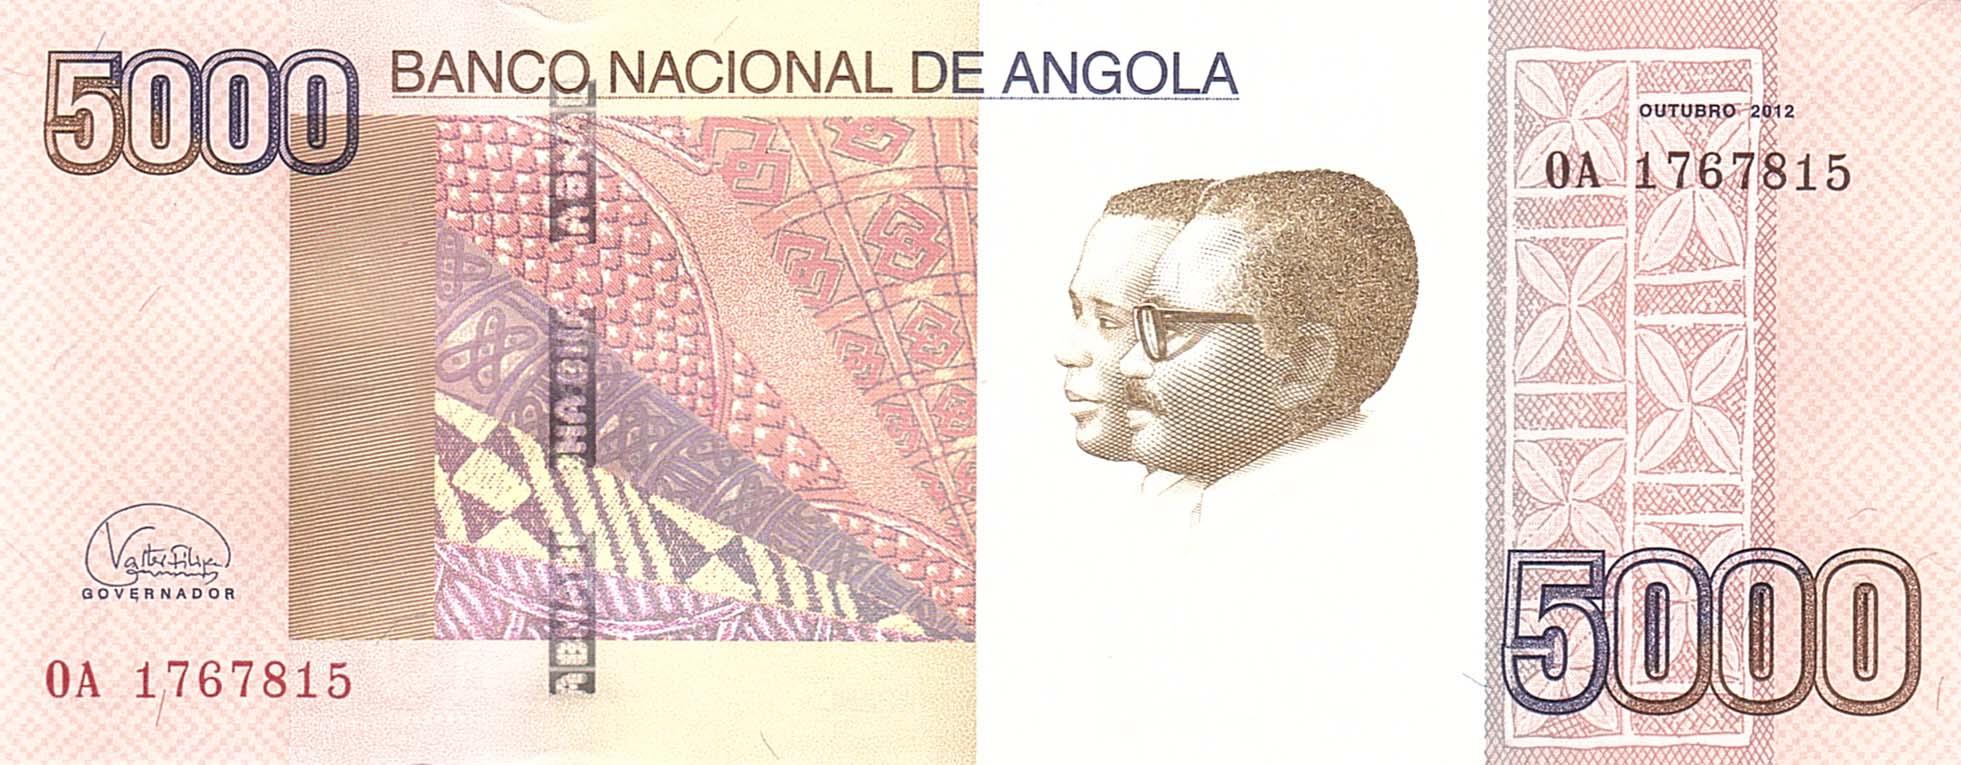 Angola 5000 Kwanzas